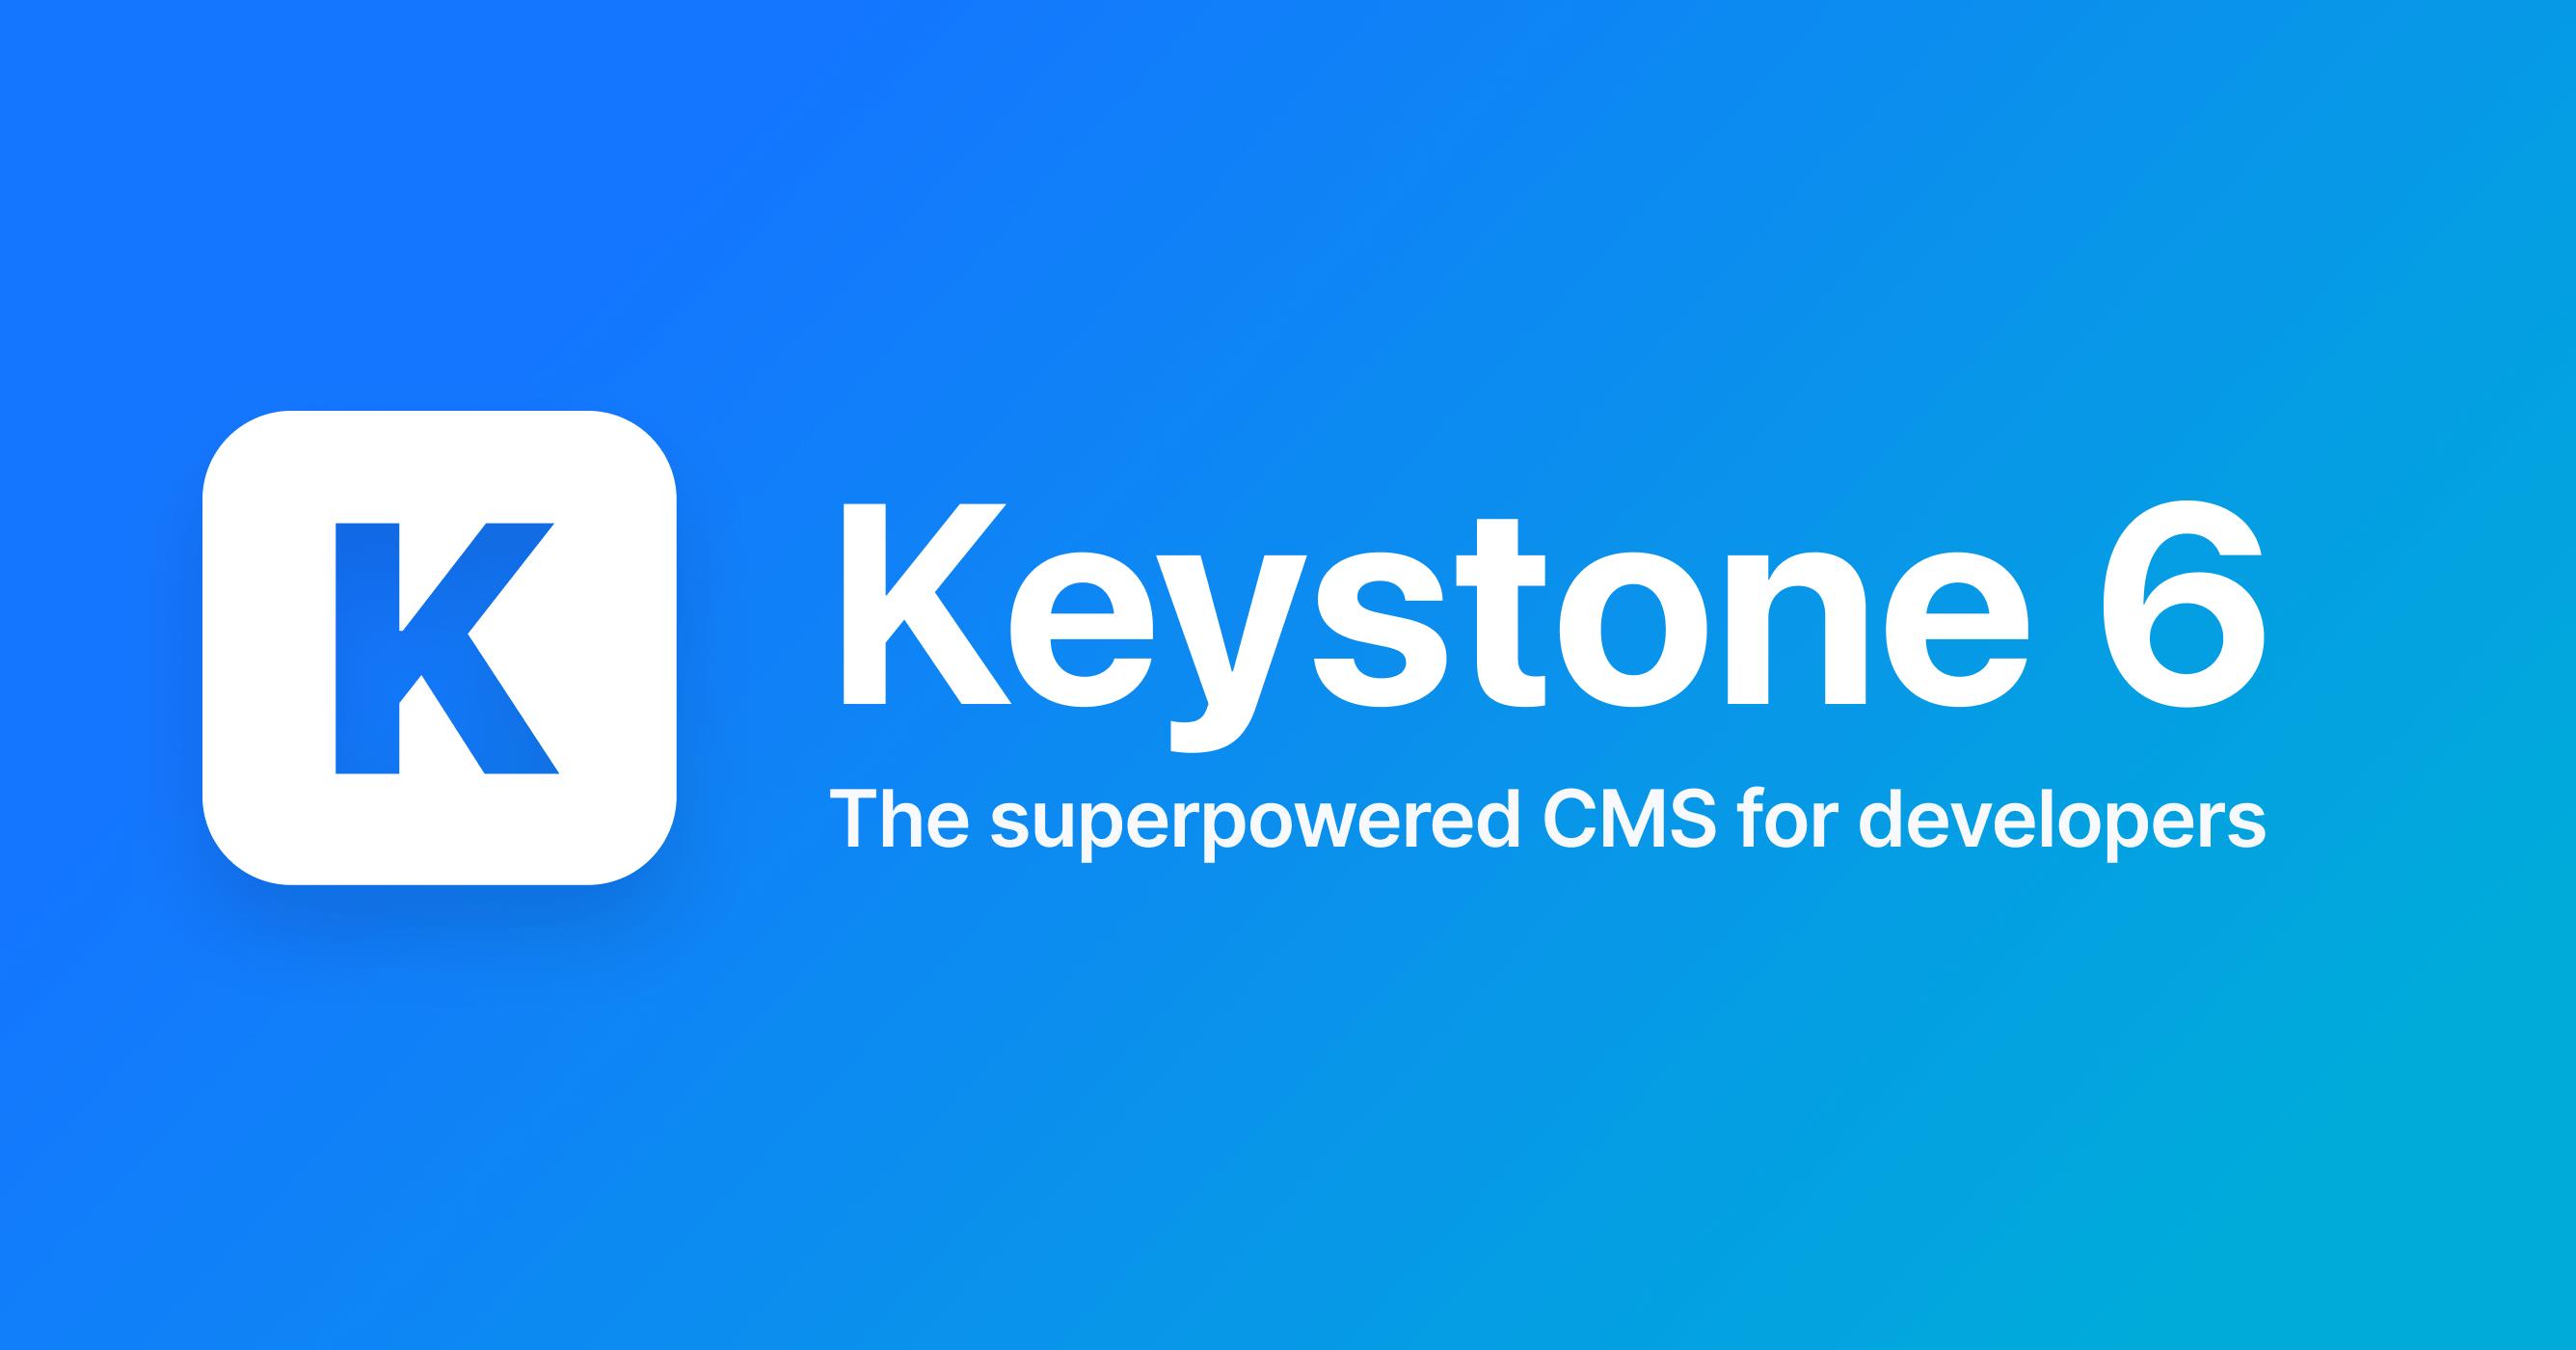 www.keystonejs.com